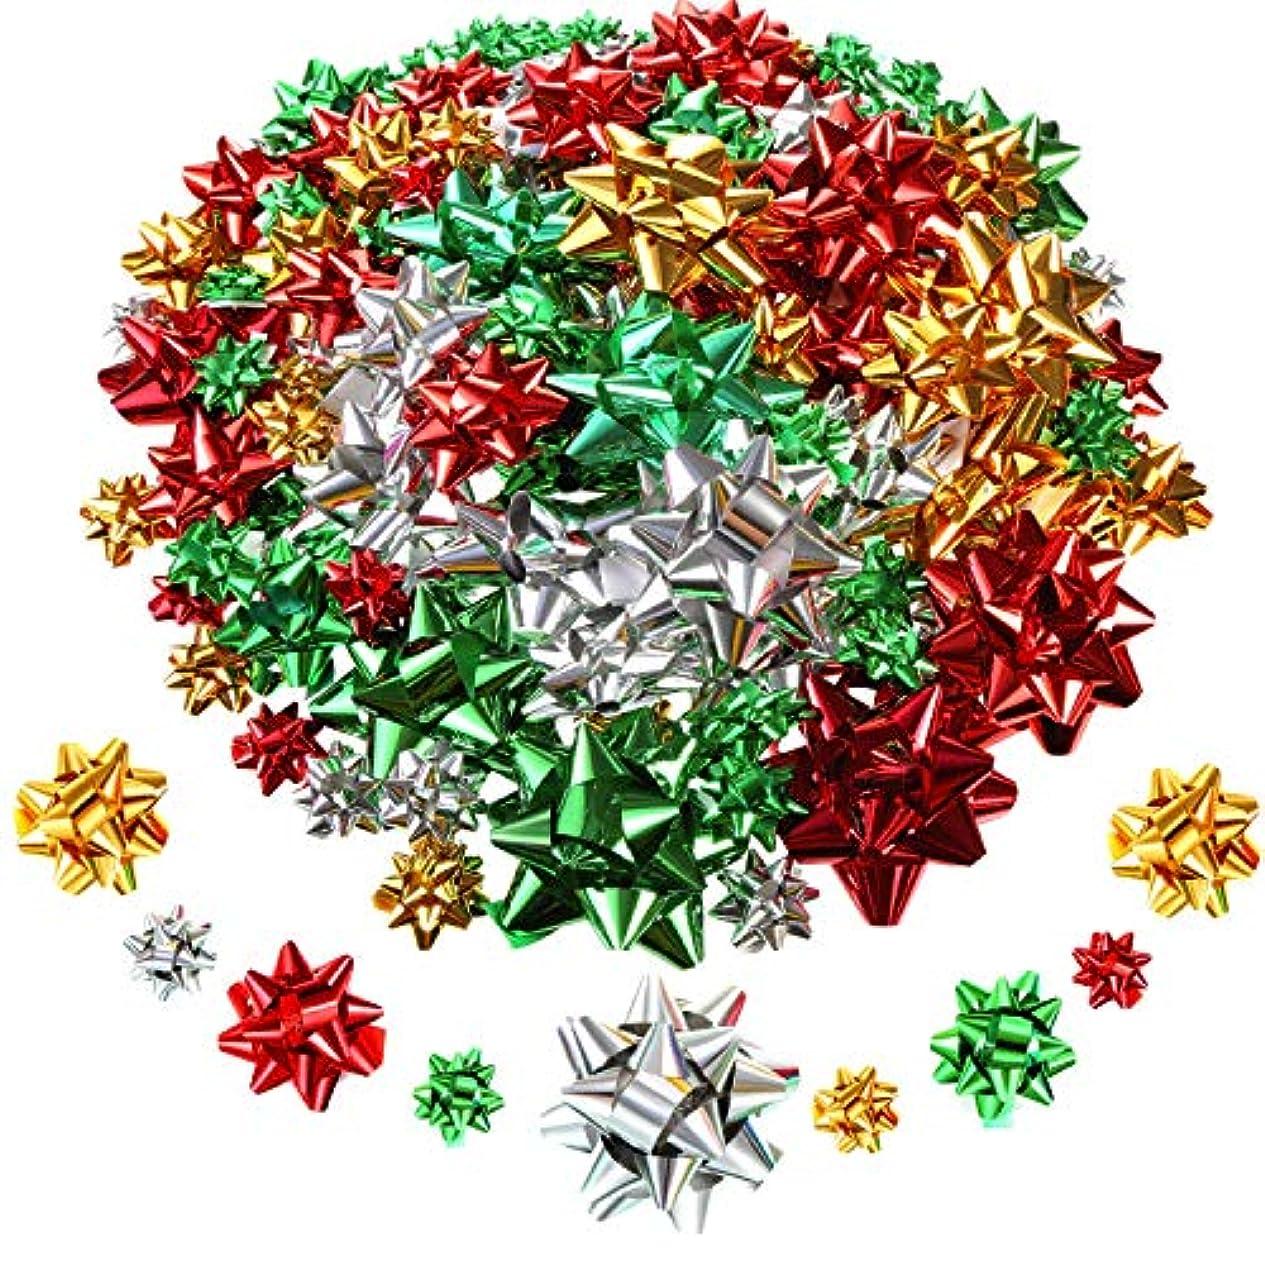 多様性ファブリック変換するTatuo 130個プレゼント用 包装 クリスマス 金属がプレゼント 飾る用 自己粘着ギフト弓弓弓(クリスマスカラー)